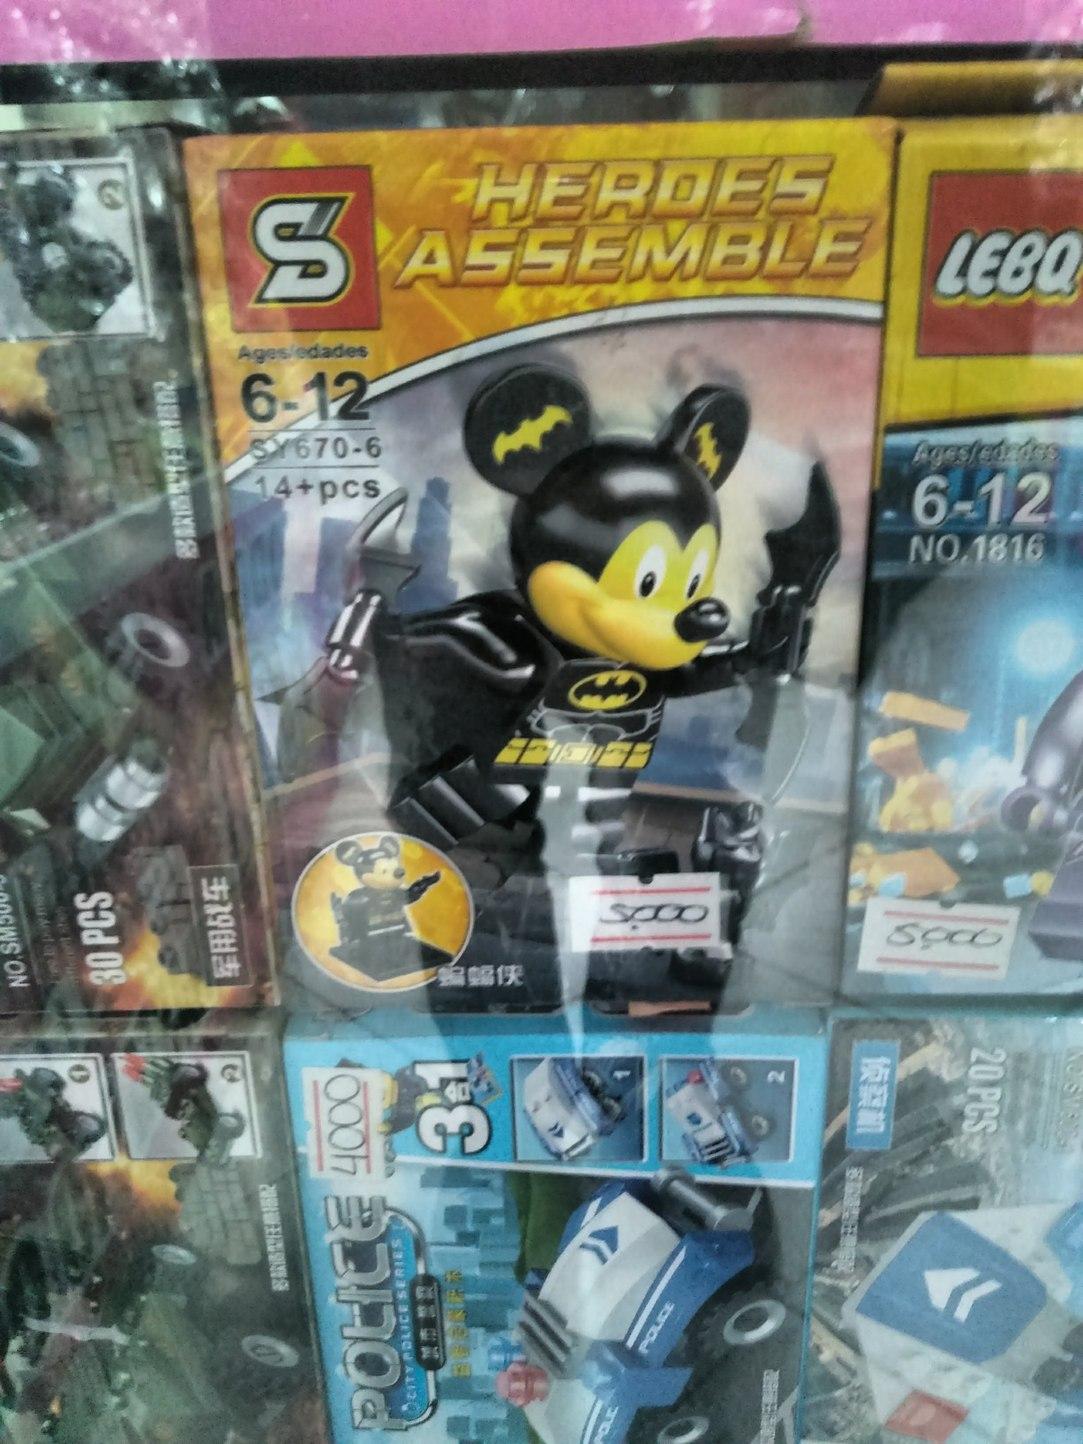 Bati-Mickey Mouse... Khe pedo? - meme